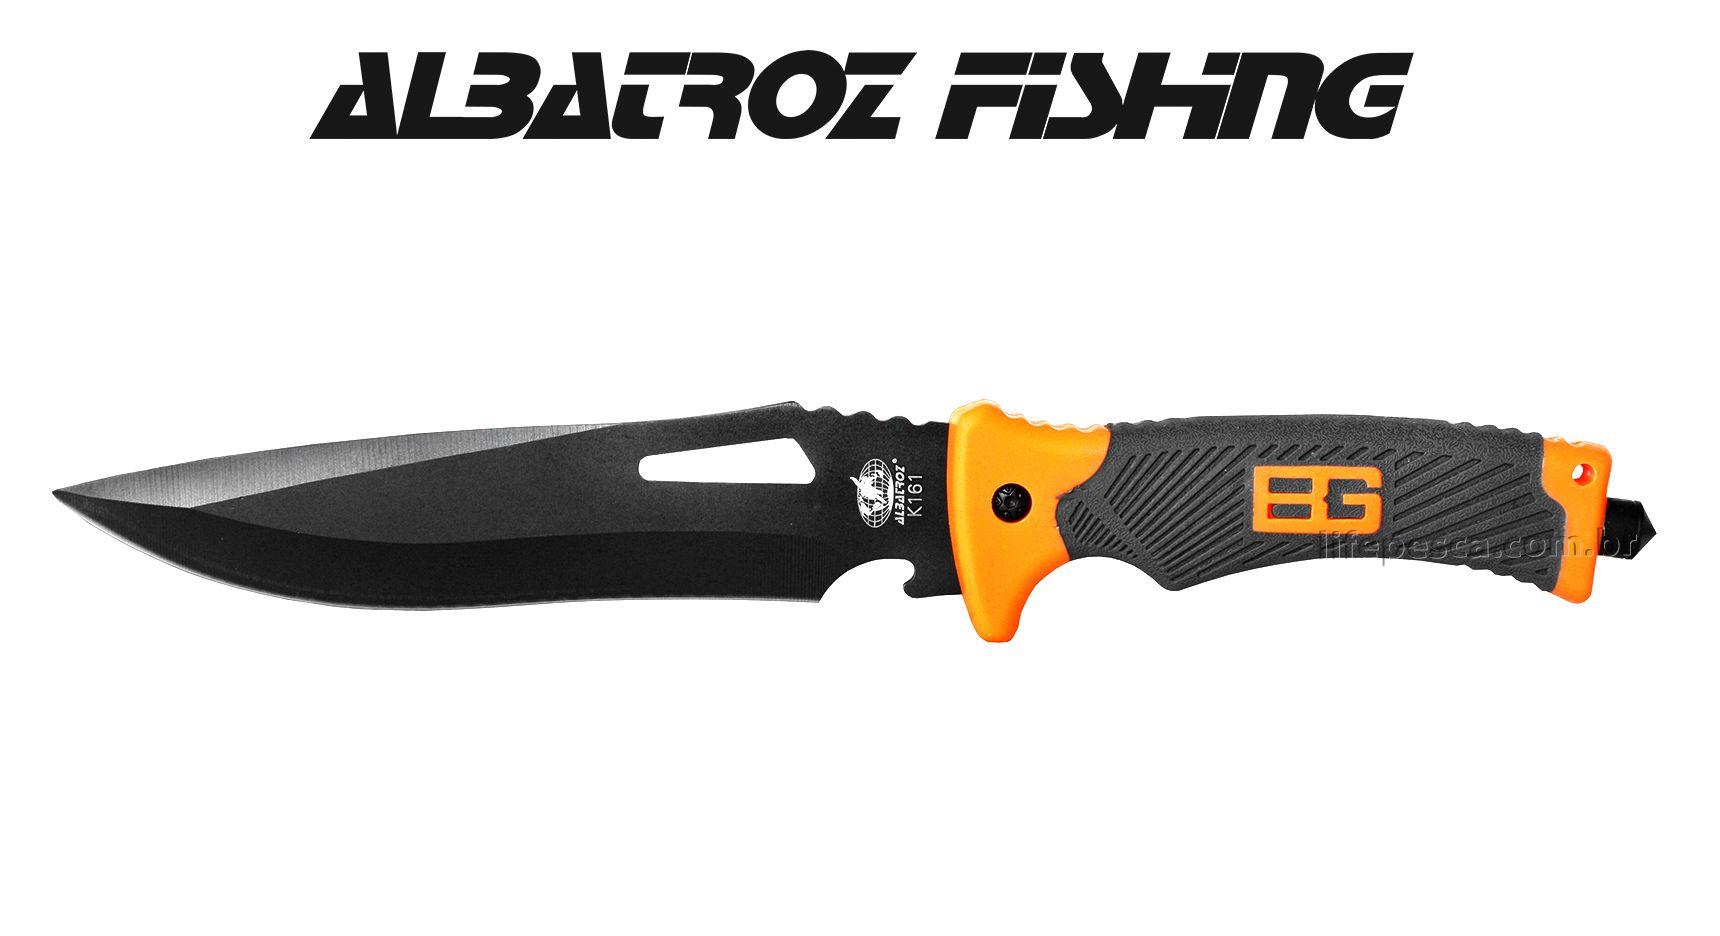 Faca Tática K161 Albatroz Fishing - Cabo Emborrachado